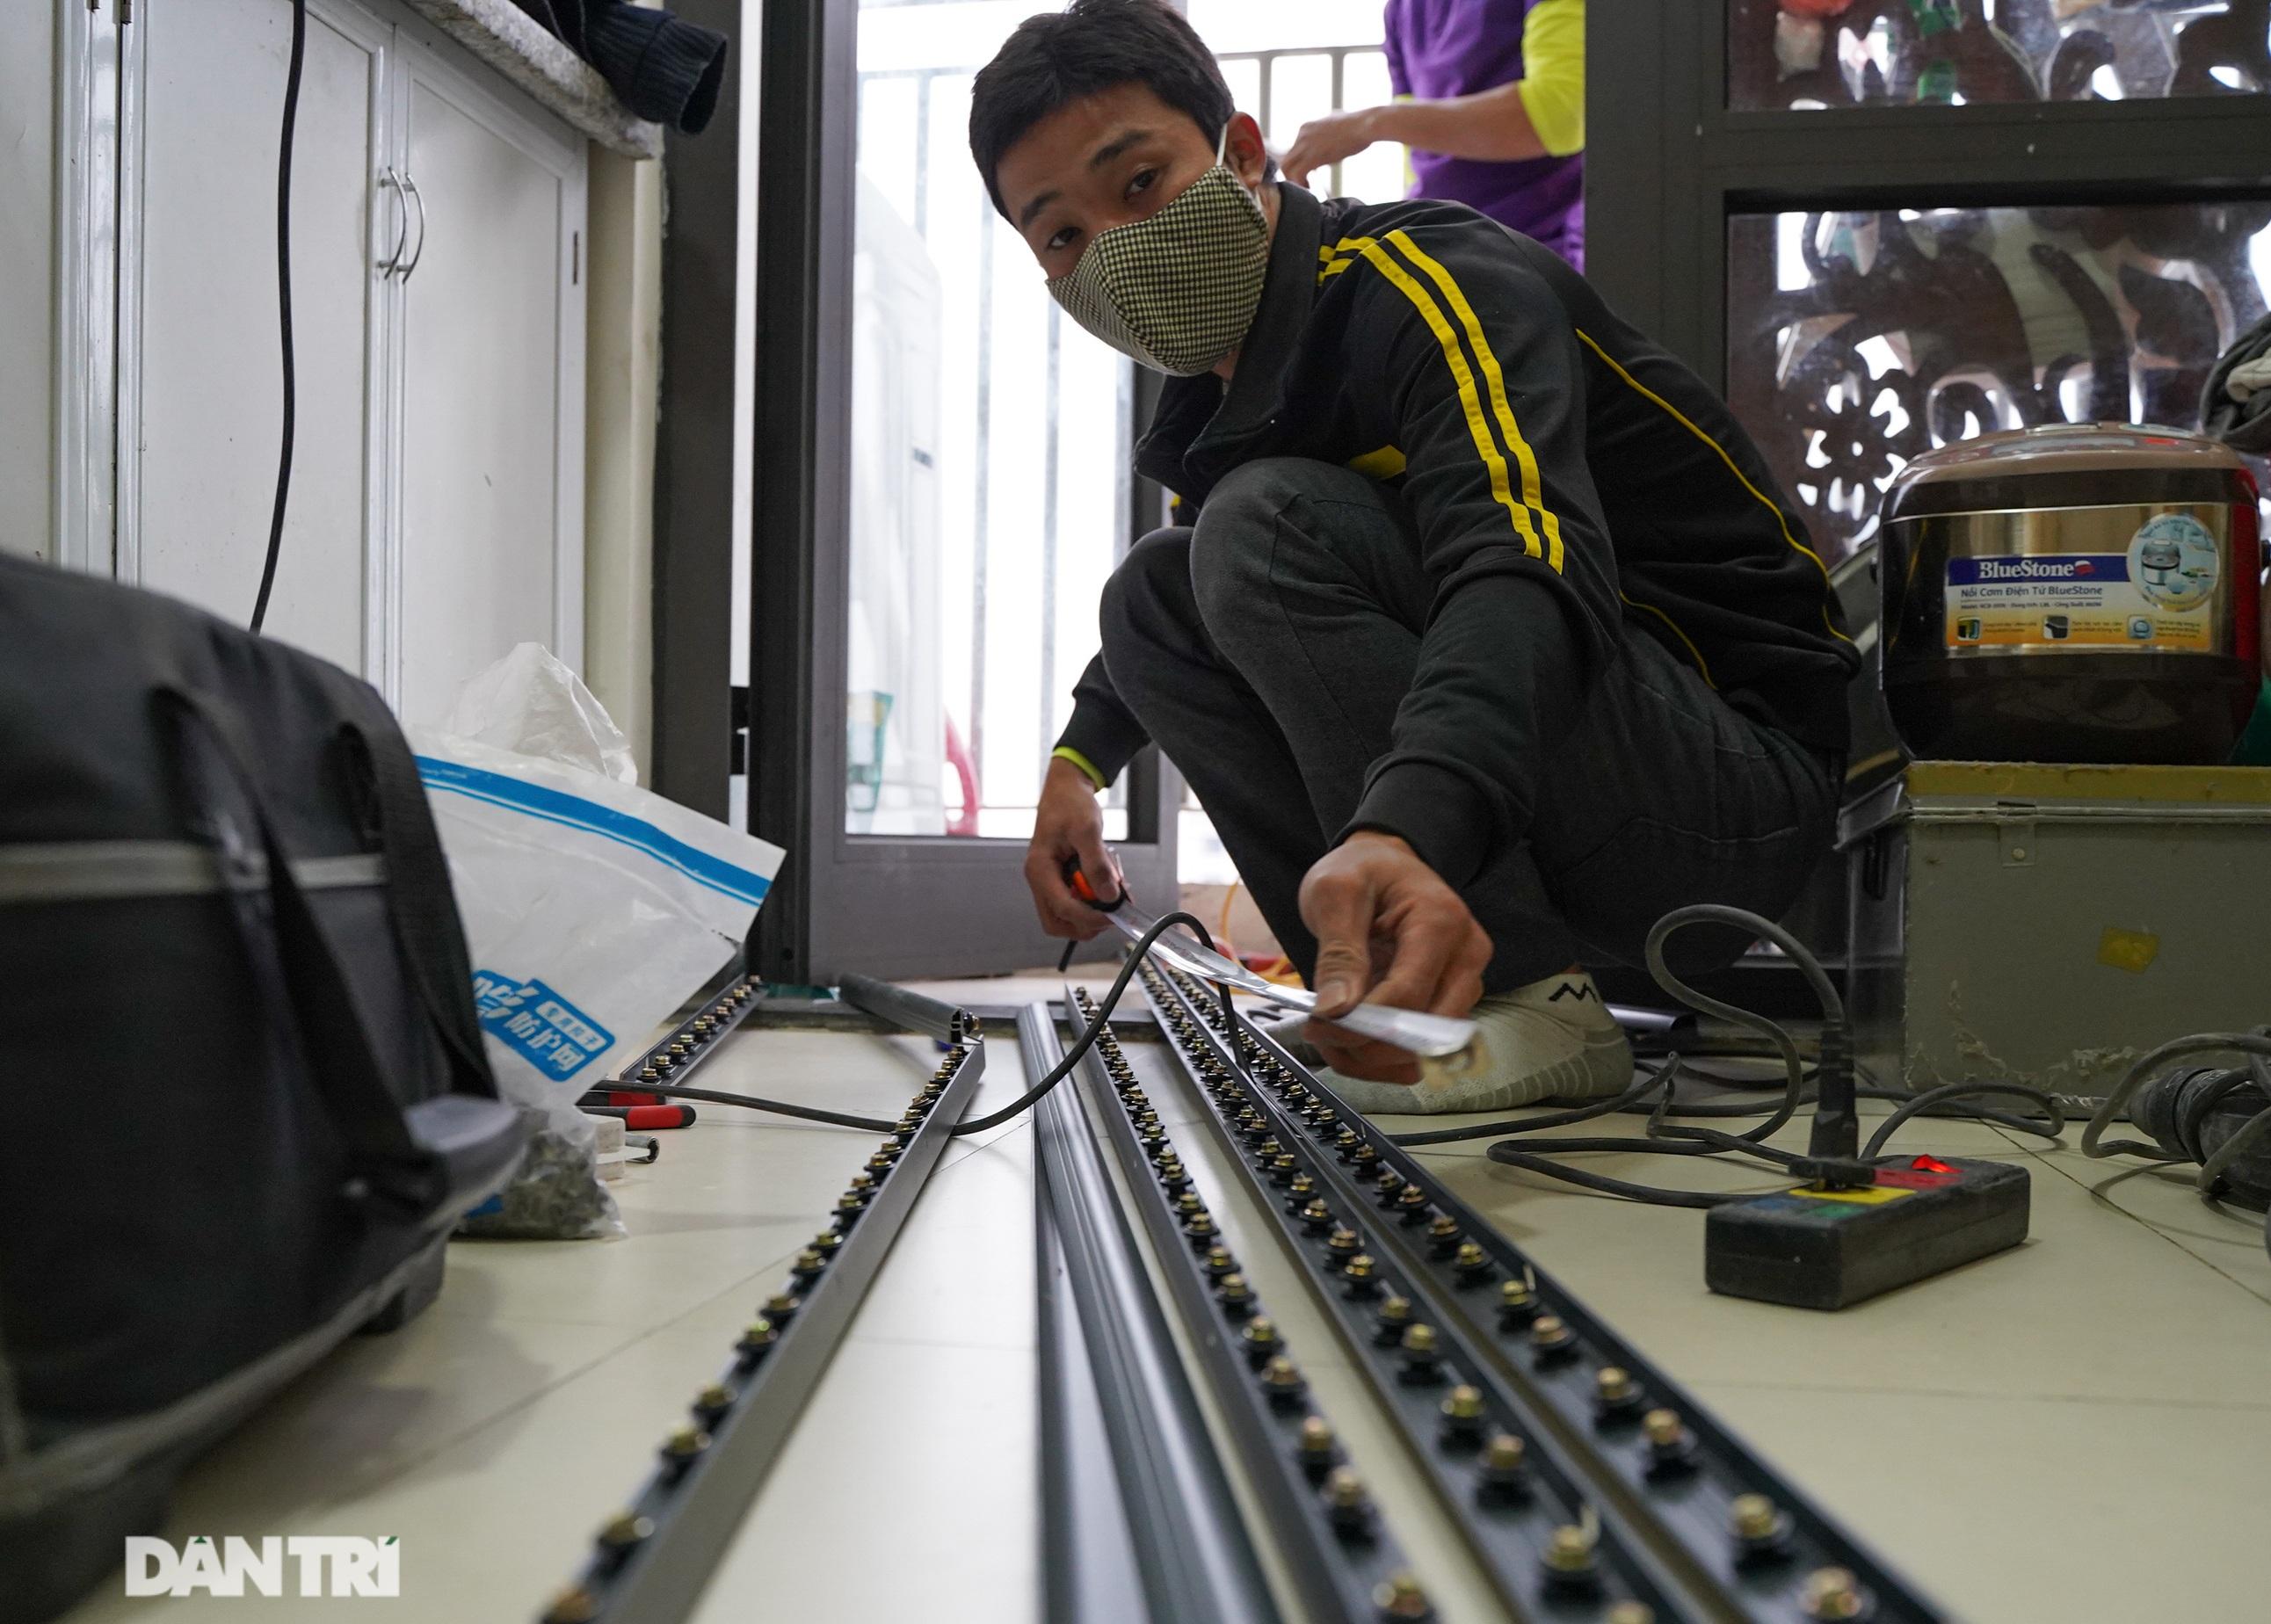 Lưới an toàn ban công được lắp đặt như thế nào tại các chung cư ở Hà Nội - 1